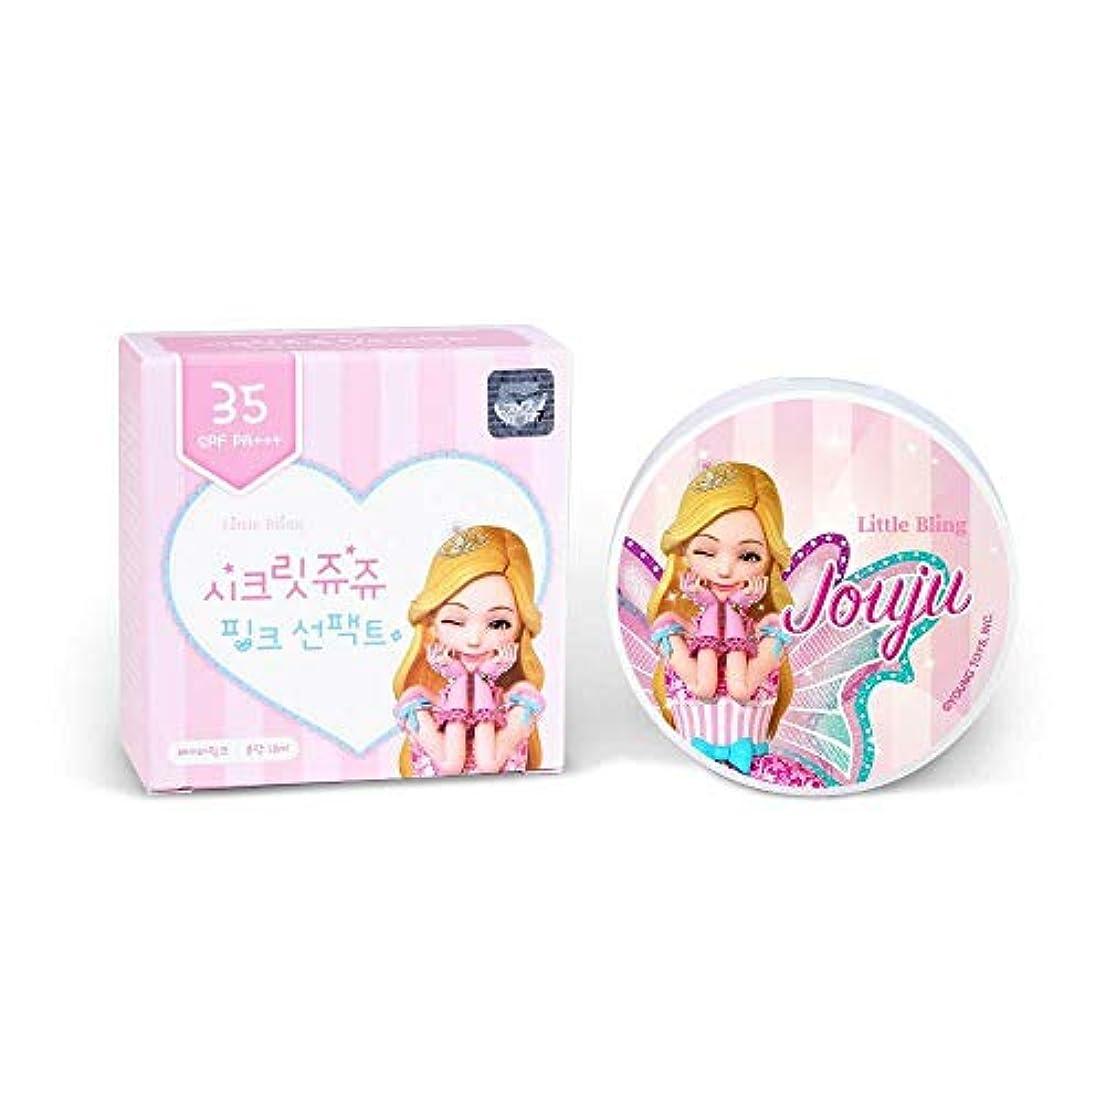 表向き汚染マッサージLittle Bling Secret Jouju Pink Sun Pact ピンク サンパクト SPF35 PA+++ 韓国日焼け止め